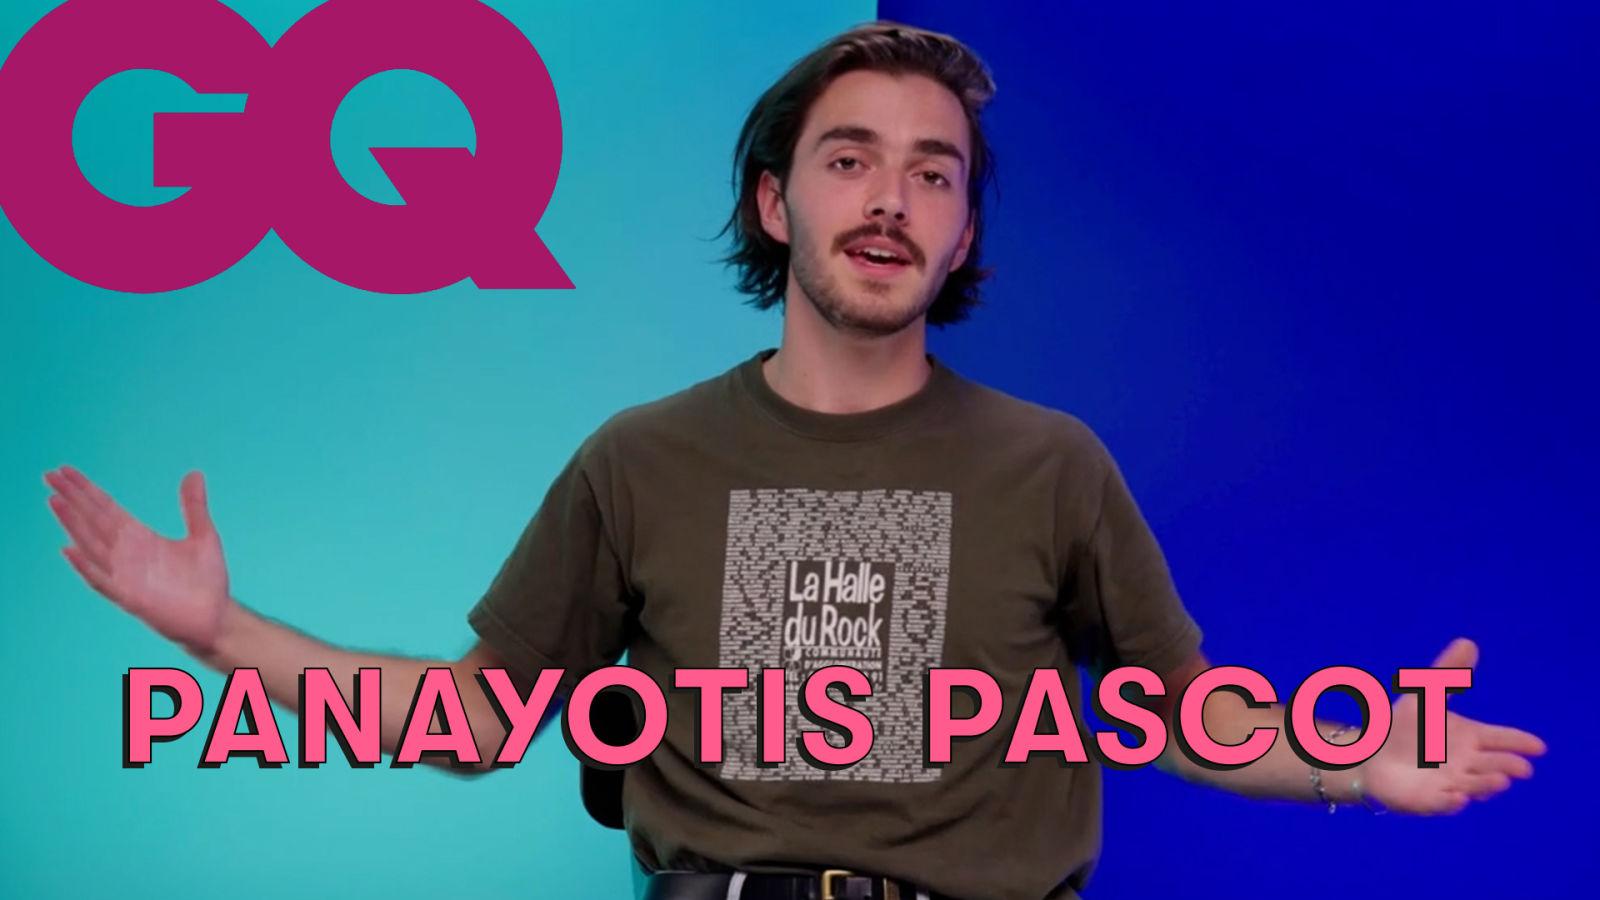 Les 10 Essentiels de Panayotis Pascot (sa maman, Fary et Jason Brokerss)